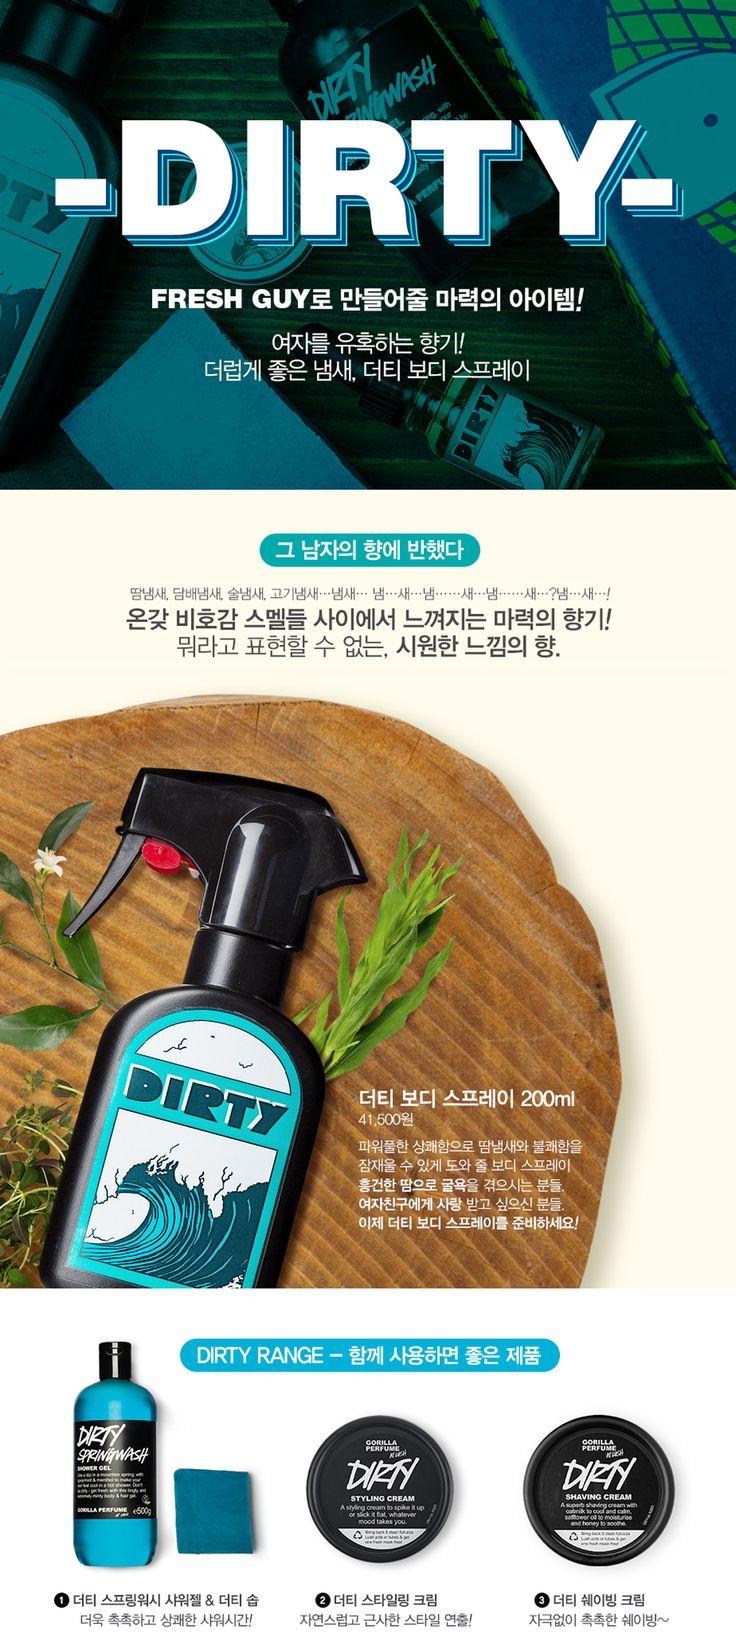 [러쉬][백화점] 2015 바디 케어!